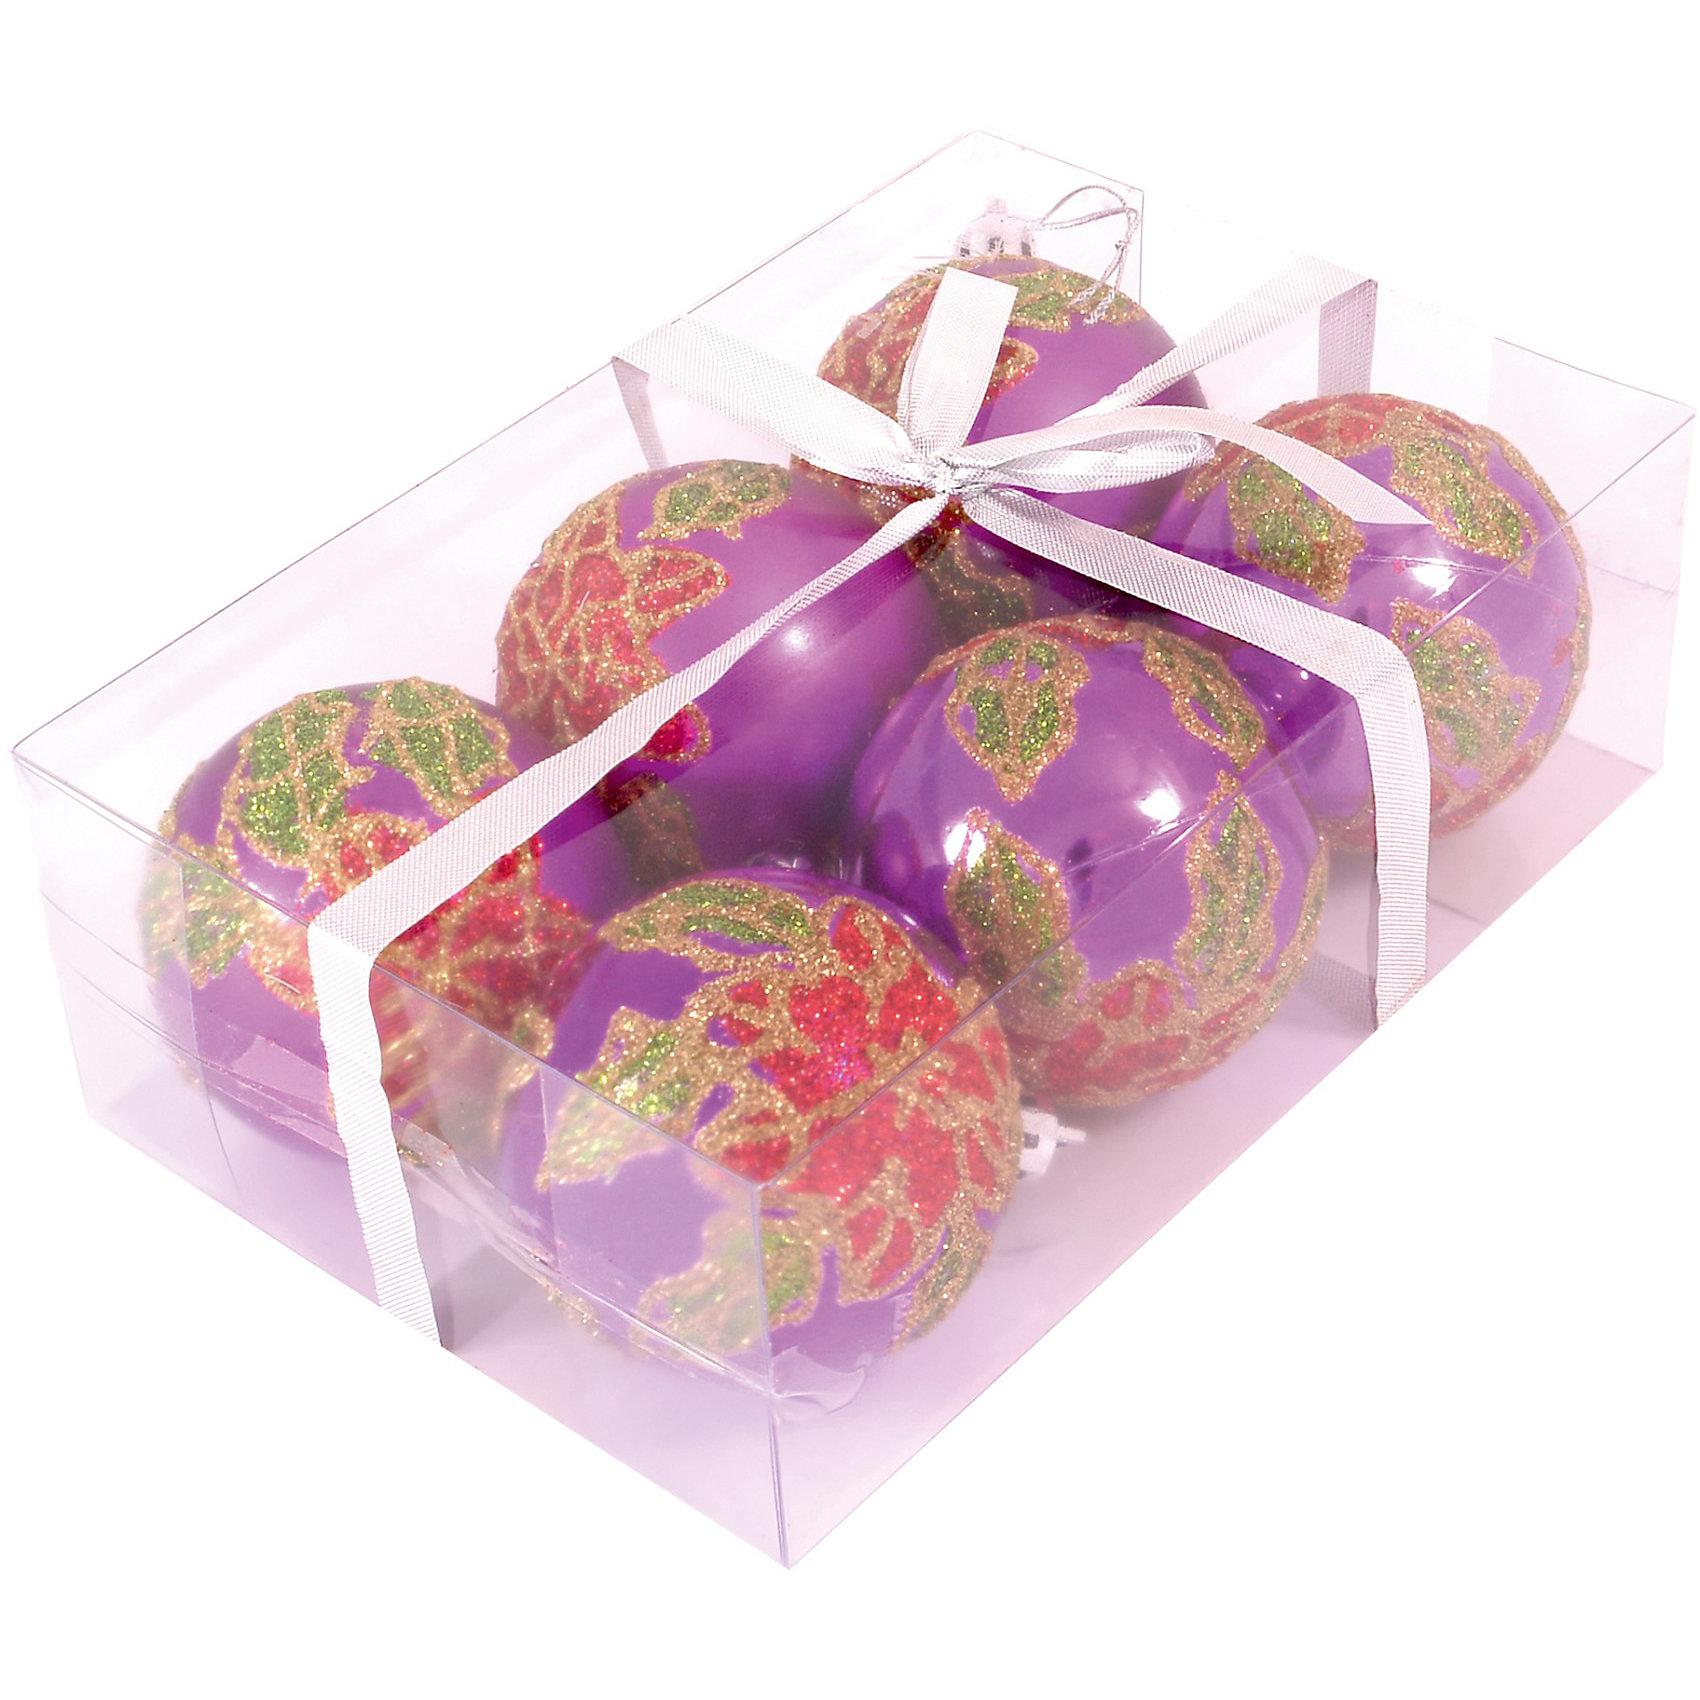 Шары с рисунком, 6 см, 6 шт., цвет - сиреневыйШары с рисунком, Волшебная страна станут замечательным украшением для Вашей новогодней елки и помогут создать праздничную волшебную атмосферу. В комплекте шесть<br>сиреневых шаров, украшенных красными звездочками, они будут чудесно смотреться на елке и радовать детей и взрослых. Шары упакованы в прозрачную коробочку из ПВХ.<br><br>Дополнительная информация:<br><br>- Цвет: сиреневый.<br>- В комплекте: 6 шт.<br>- Диаметр шара: 6 см.<br>- Размер упаковки: 17,5 x 11,5 x 6 см.<br>- Вес: 90 гр.<br><br>Шары с рисунком, Волшебная страна, можно купить в нашем интернет-магазине.<br><br>Ширина мм: 370<br>Глубина мм: 120<br>Высота мм: 60<br>Вес г: 90<br>Возраст от месяцев: 60<br>Возраст до месяцев: 180<br>Пол: Унисекс<br>Возраст: Детский<br>SKU: 3791387